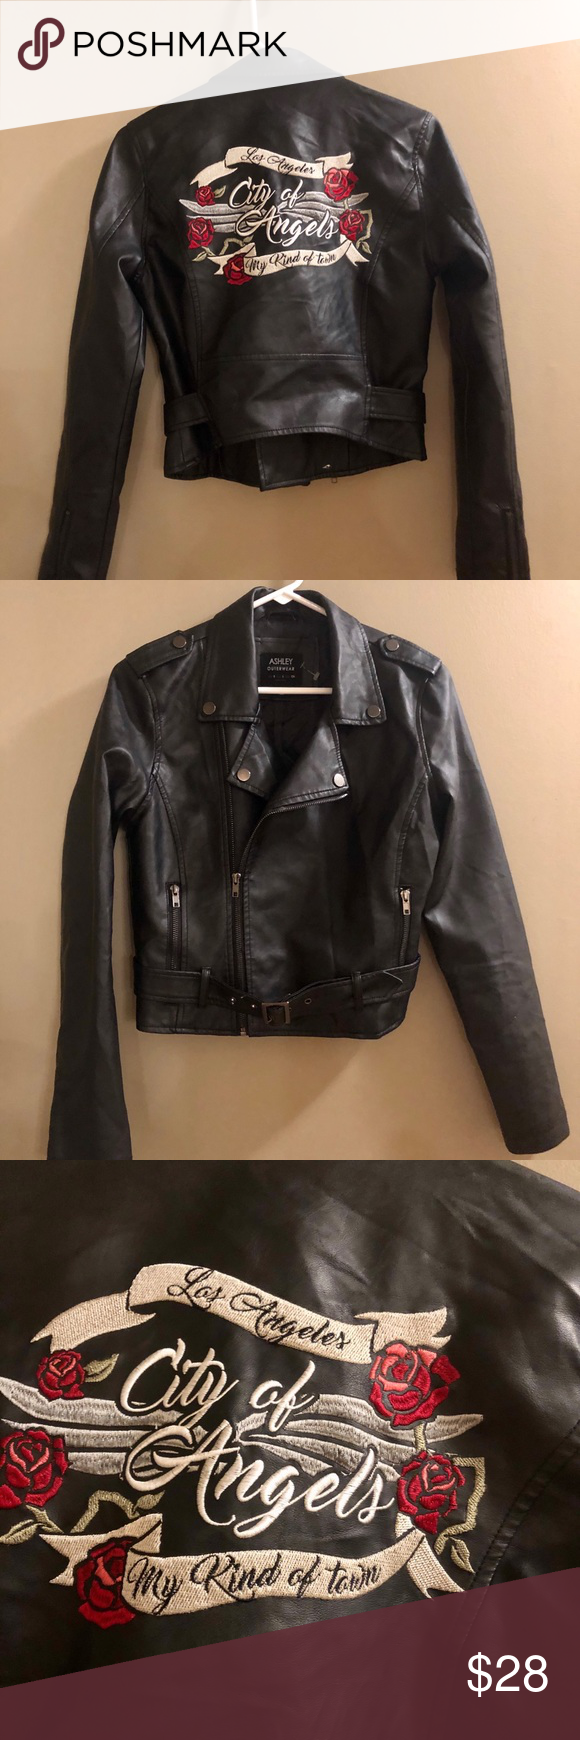 Ashley Mason Faux Leather Jacket La City Ofangel Leather Jacket Faux Leather Jackets Jackets [ 1740 x 580 Pixel ]